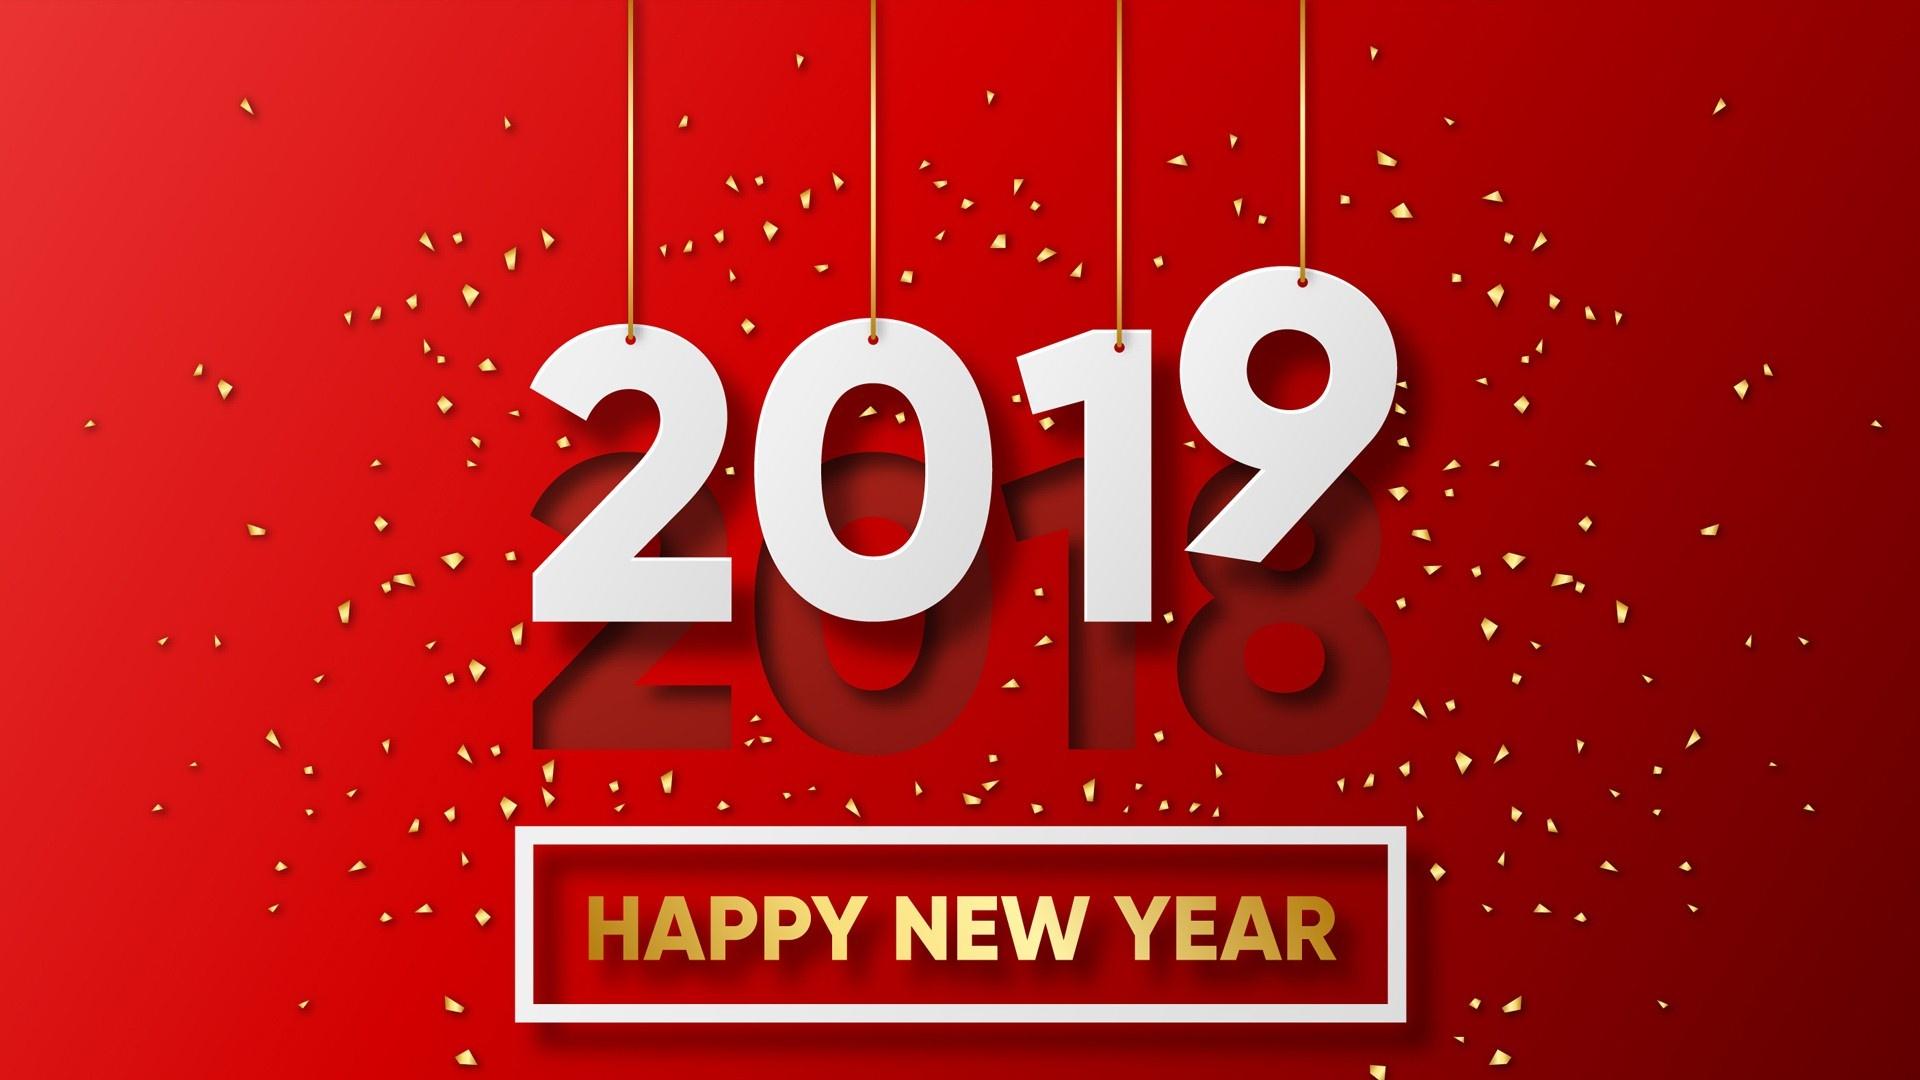 Top lời chúc tết hay nhất 2019 và thiệp chúc mừng năm mới Xuân Kỷ Hợi đẹp nhất